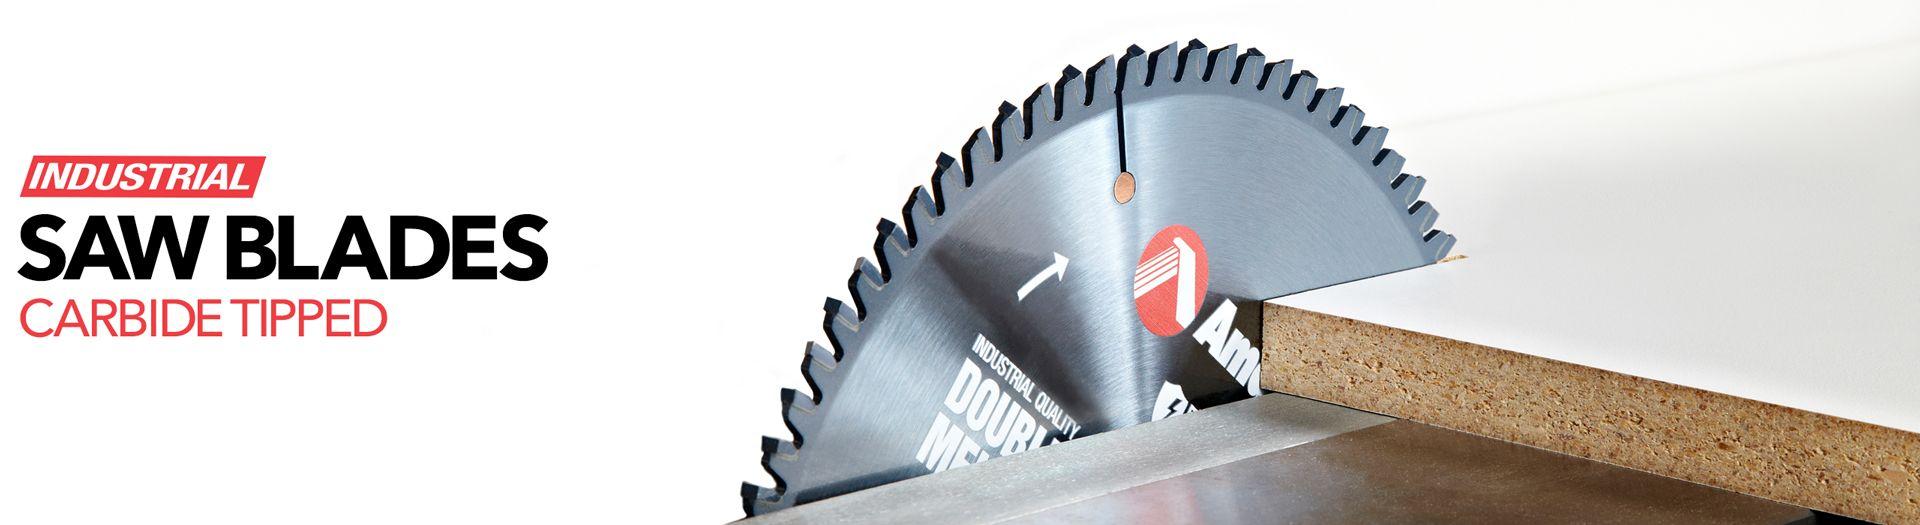 amana-saw-blades.jpg